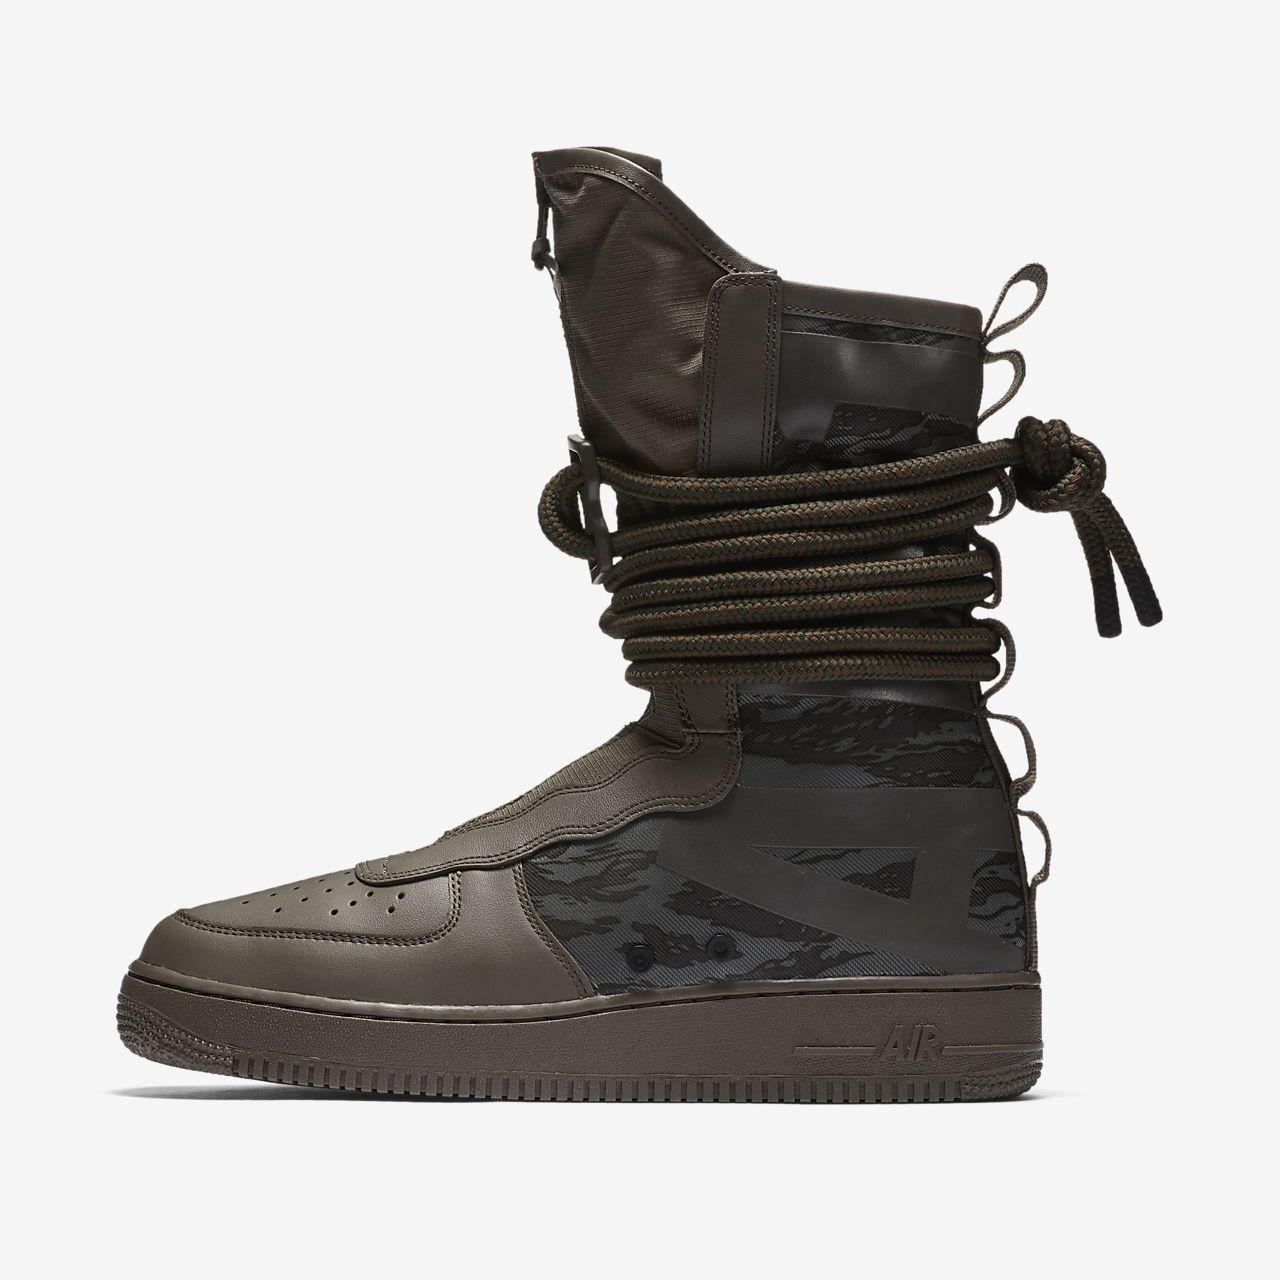 Ch Force Sf 1 Botte High Nike Pour Air Homme tPxxBqA8